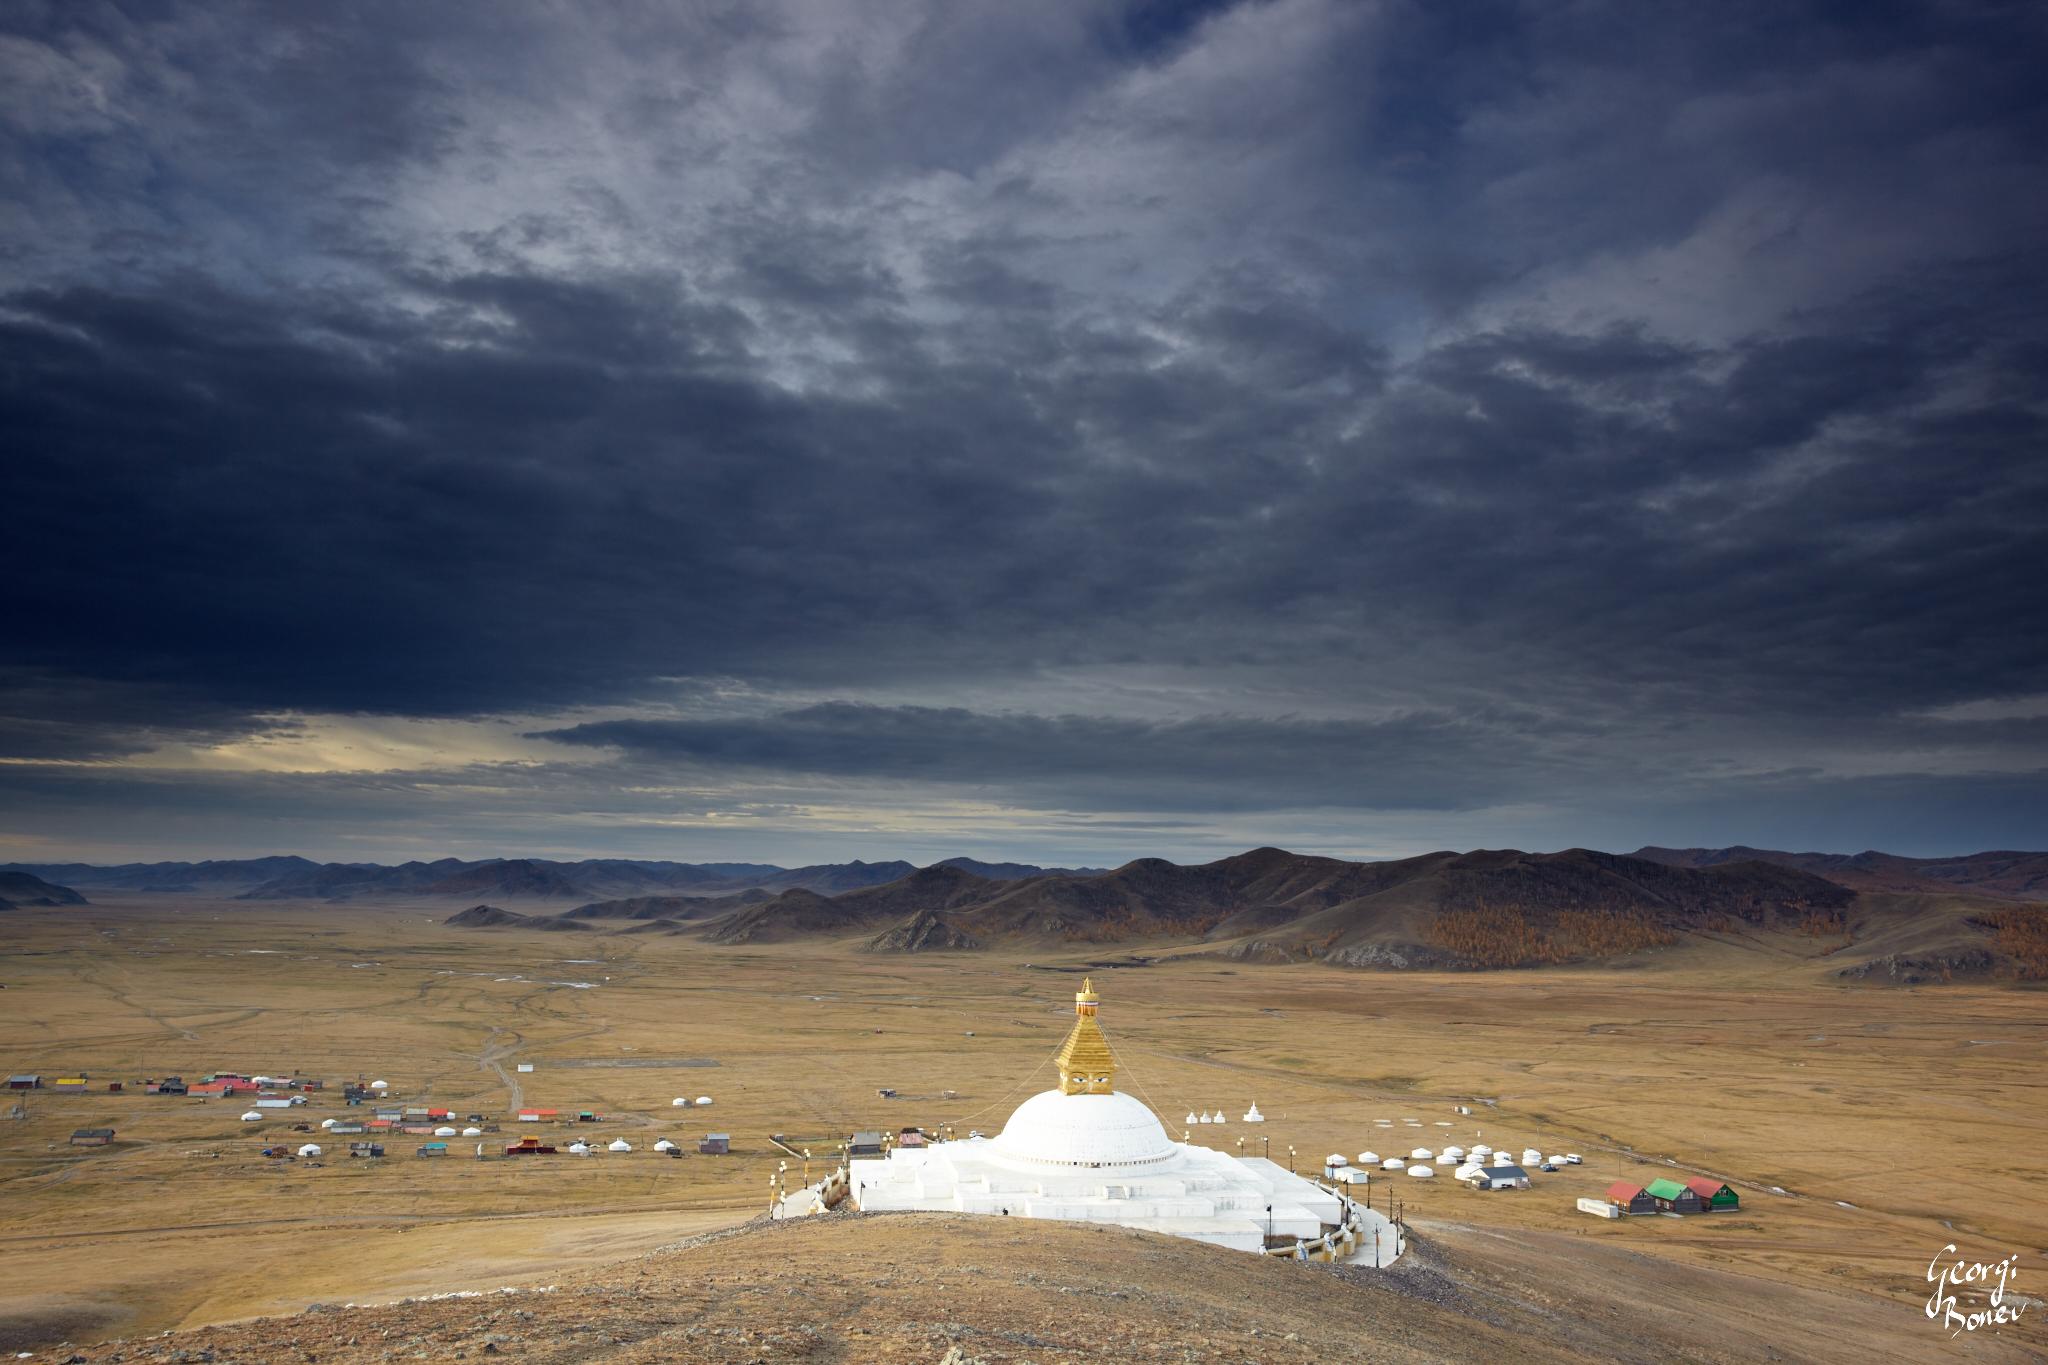 BUDDHIST STUPA NEAR AMARBAYASGALANT MONASTERY, MONGOLIA